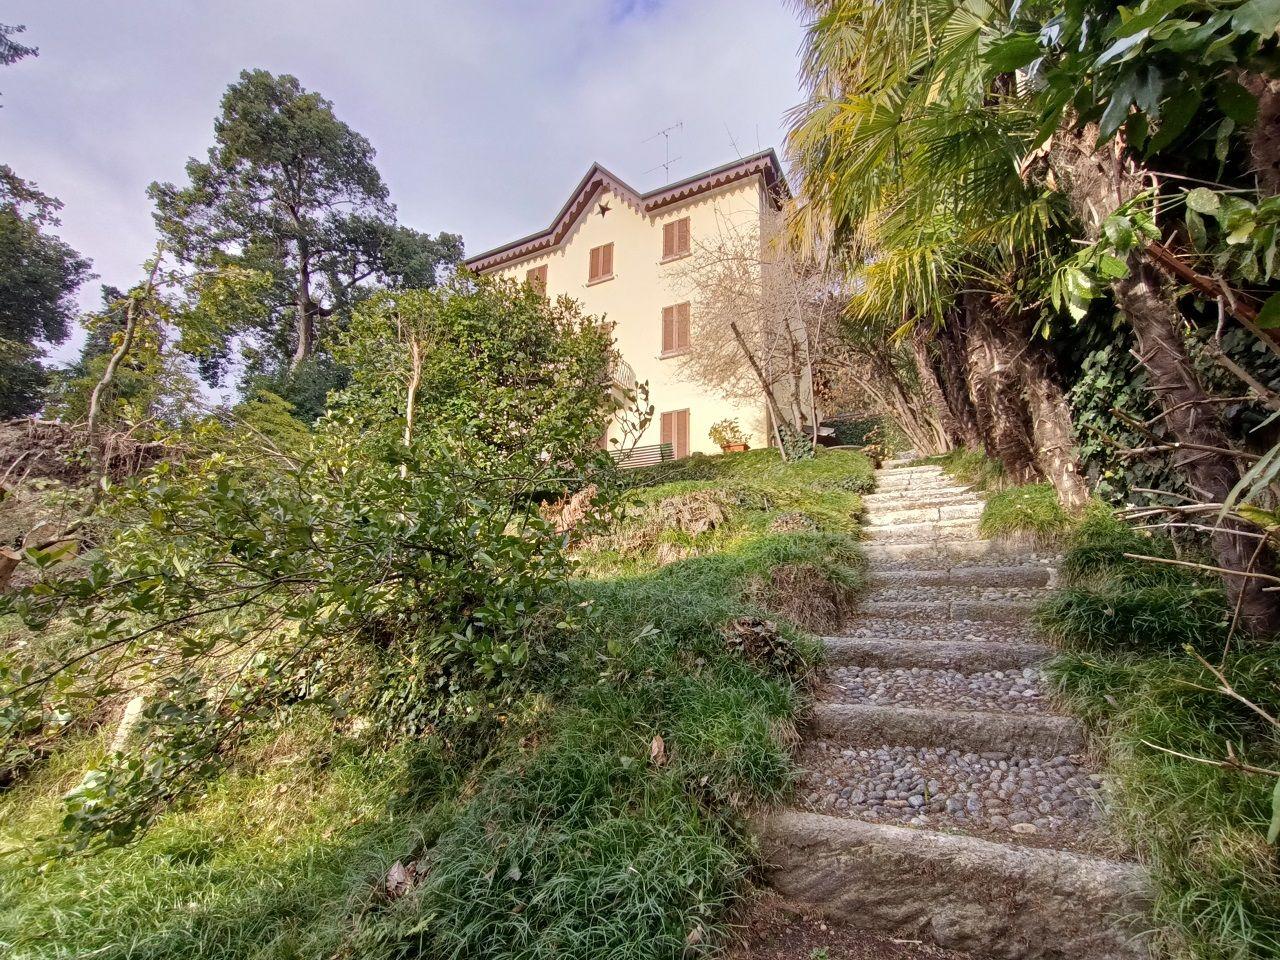 Ghiffa villa d'epoca con bella vista lago e parco secolare